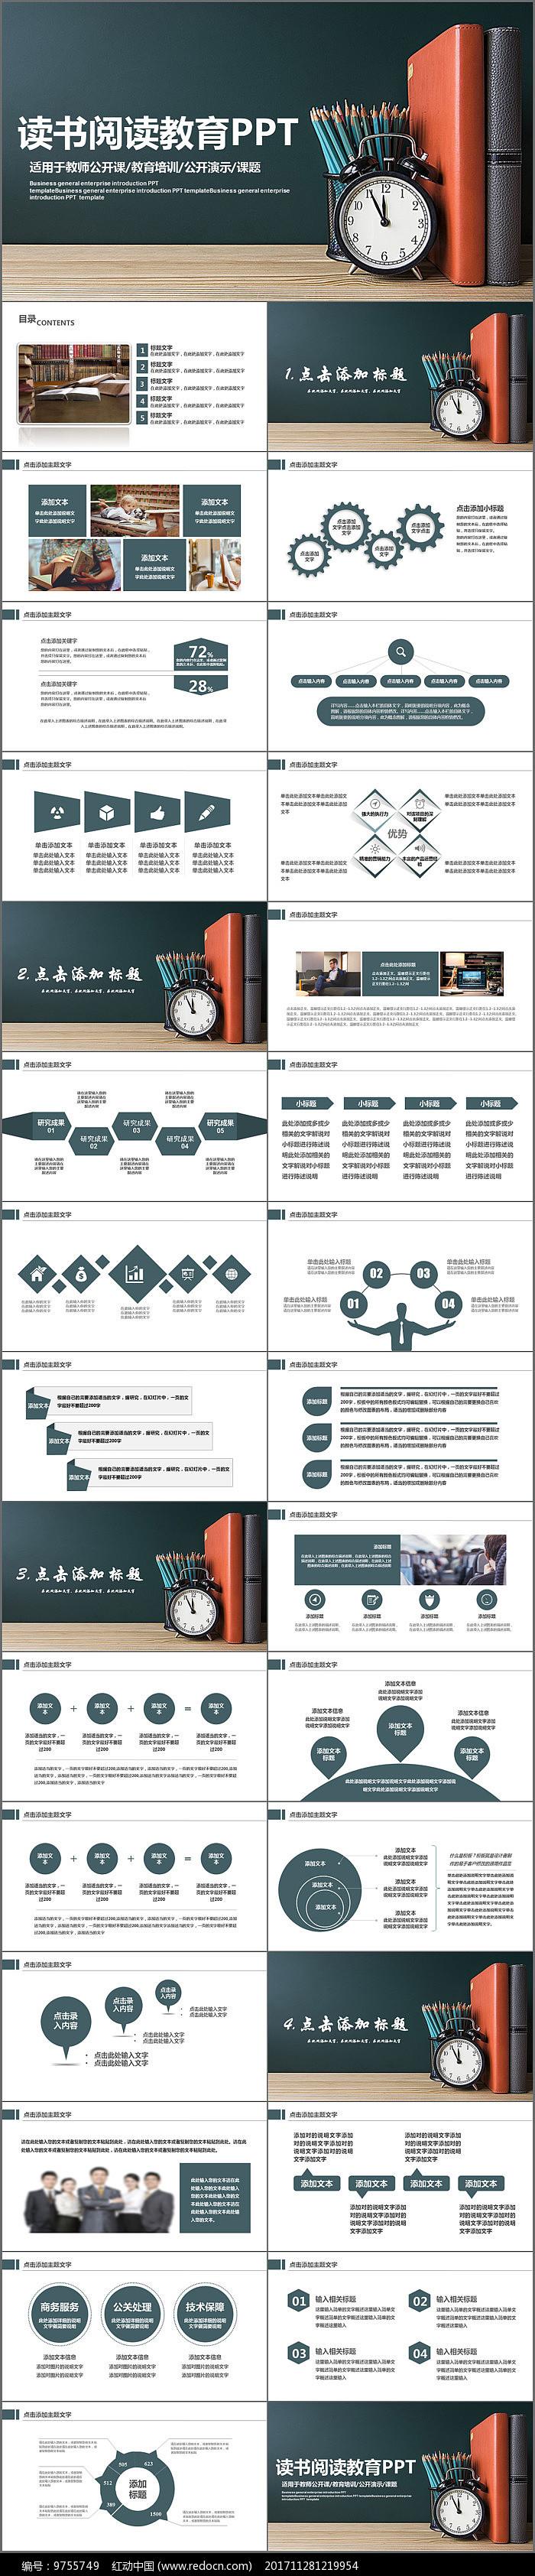 教育教学设计分析公开课PPT图片